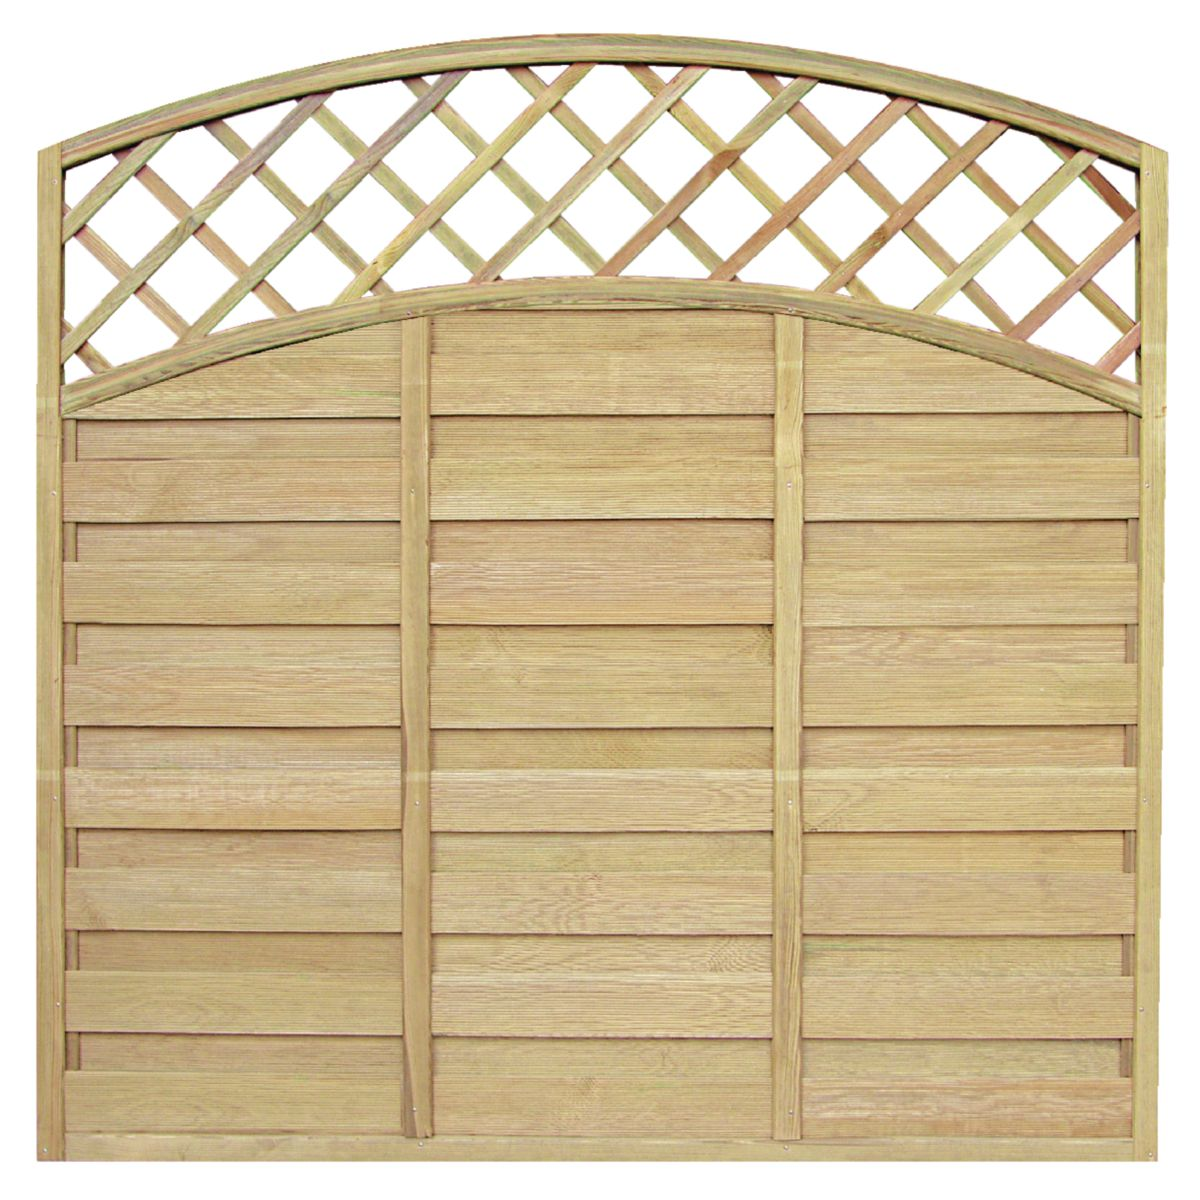 Brise vent bois perfect brise vent brico depot taille couleur carport en aluminium brico - Panneau occultant bois ...